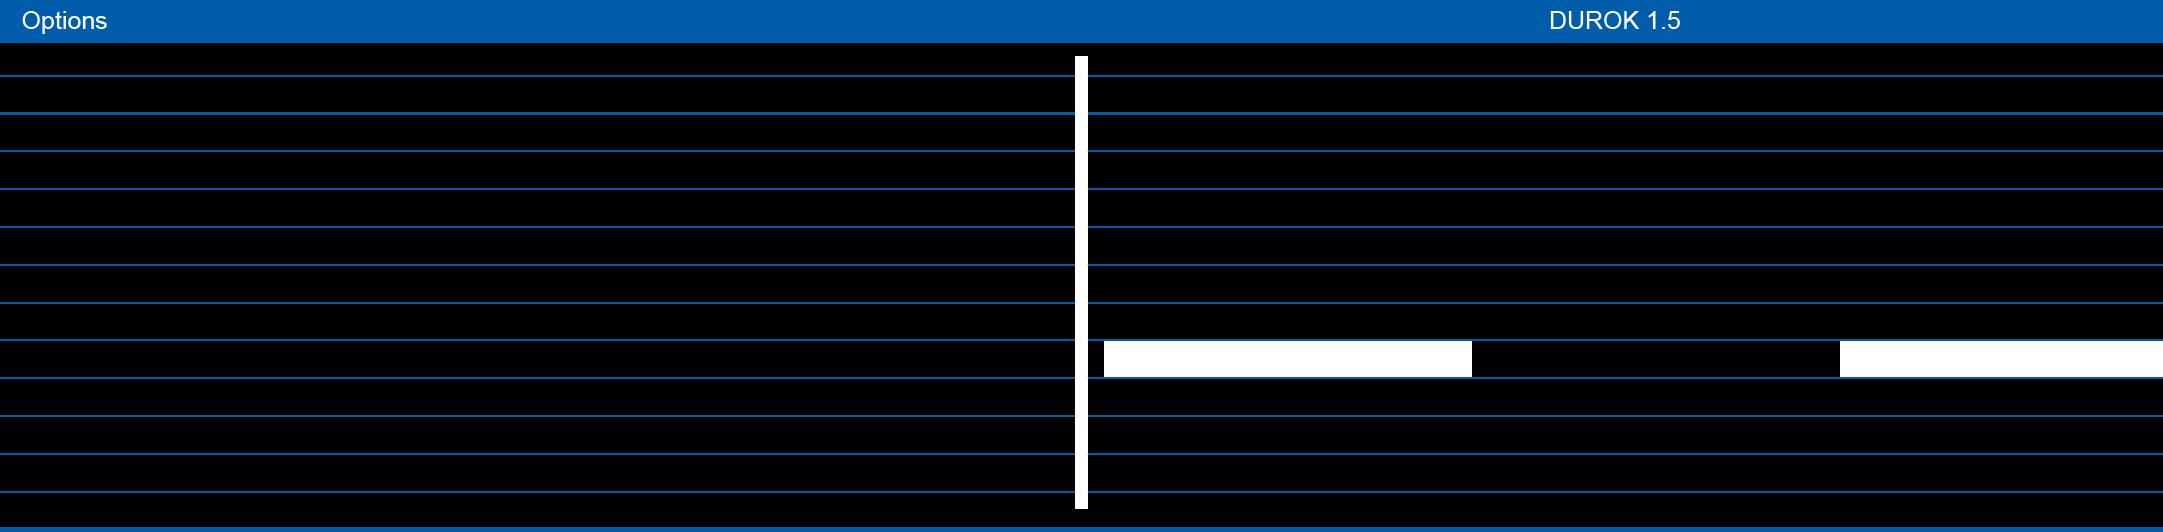 DUROK 15_option.png (40 KB)